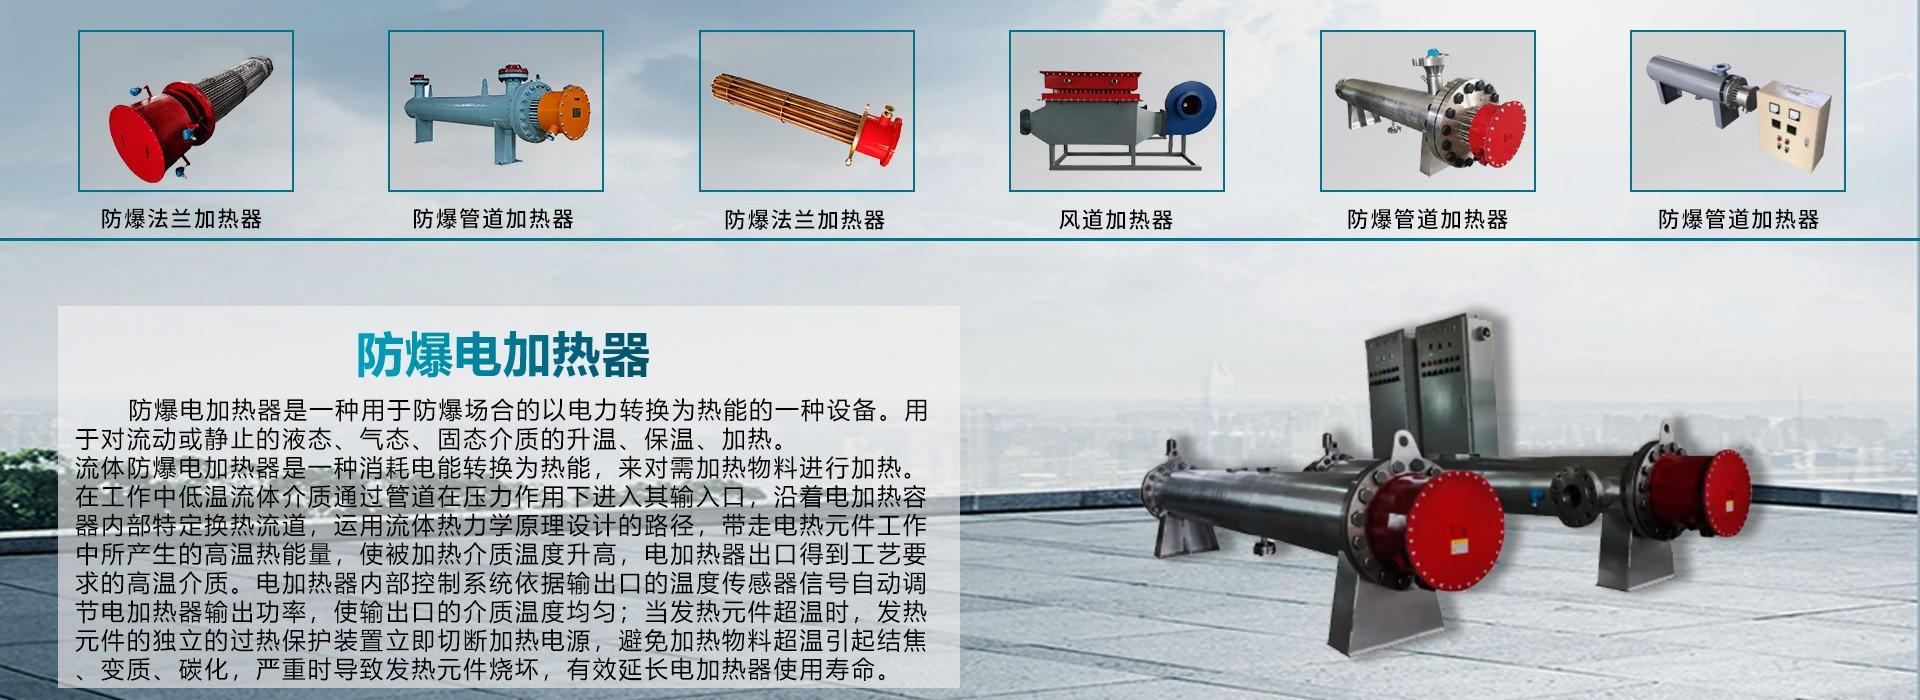 电加热器|防爆电加热器|电热控制柜系统|